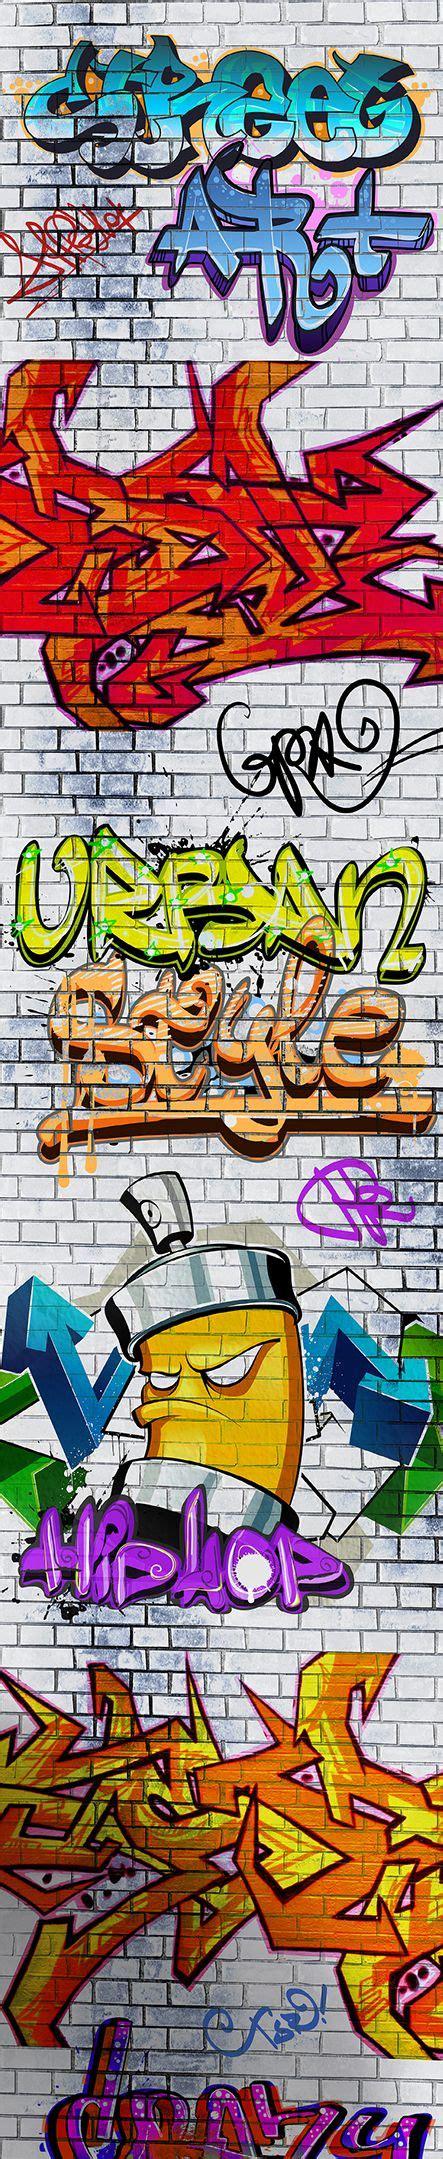 graffiti wallpaper b and q graham brown tag graffiti wallpaper departments diy